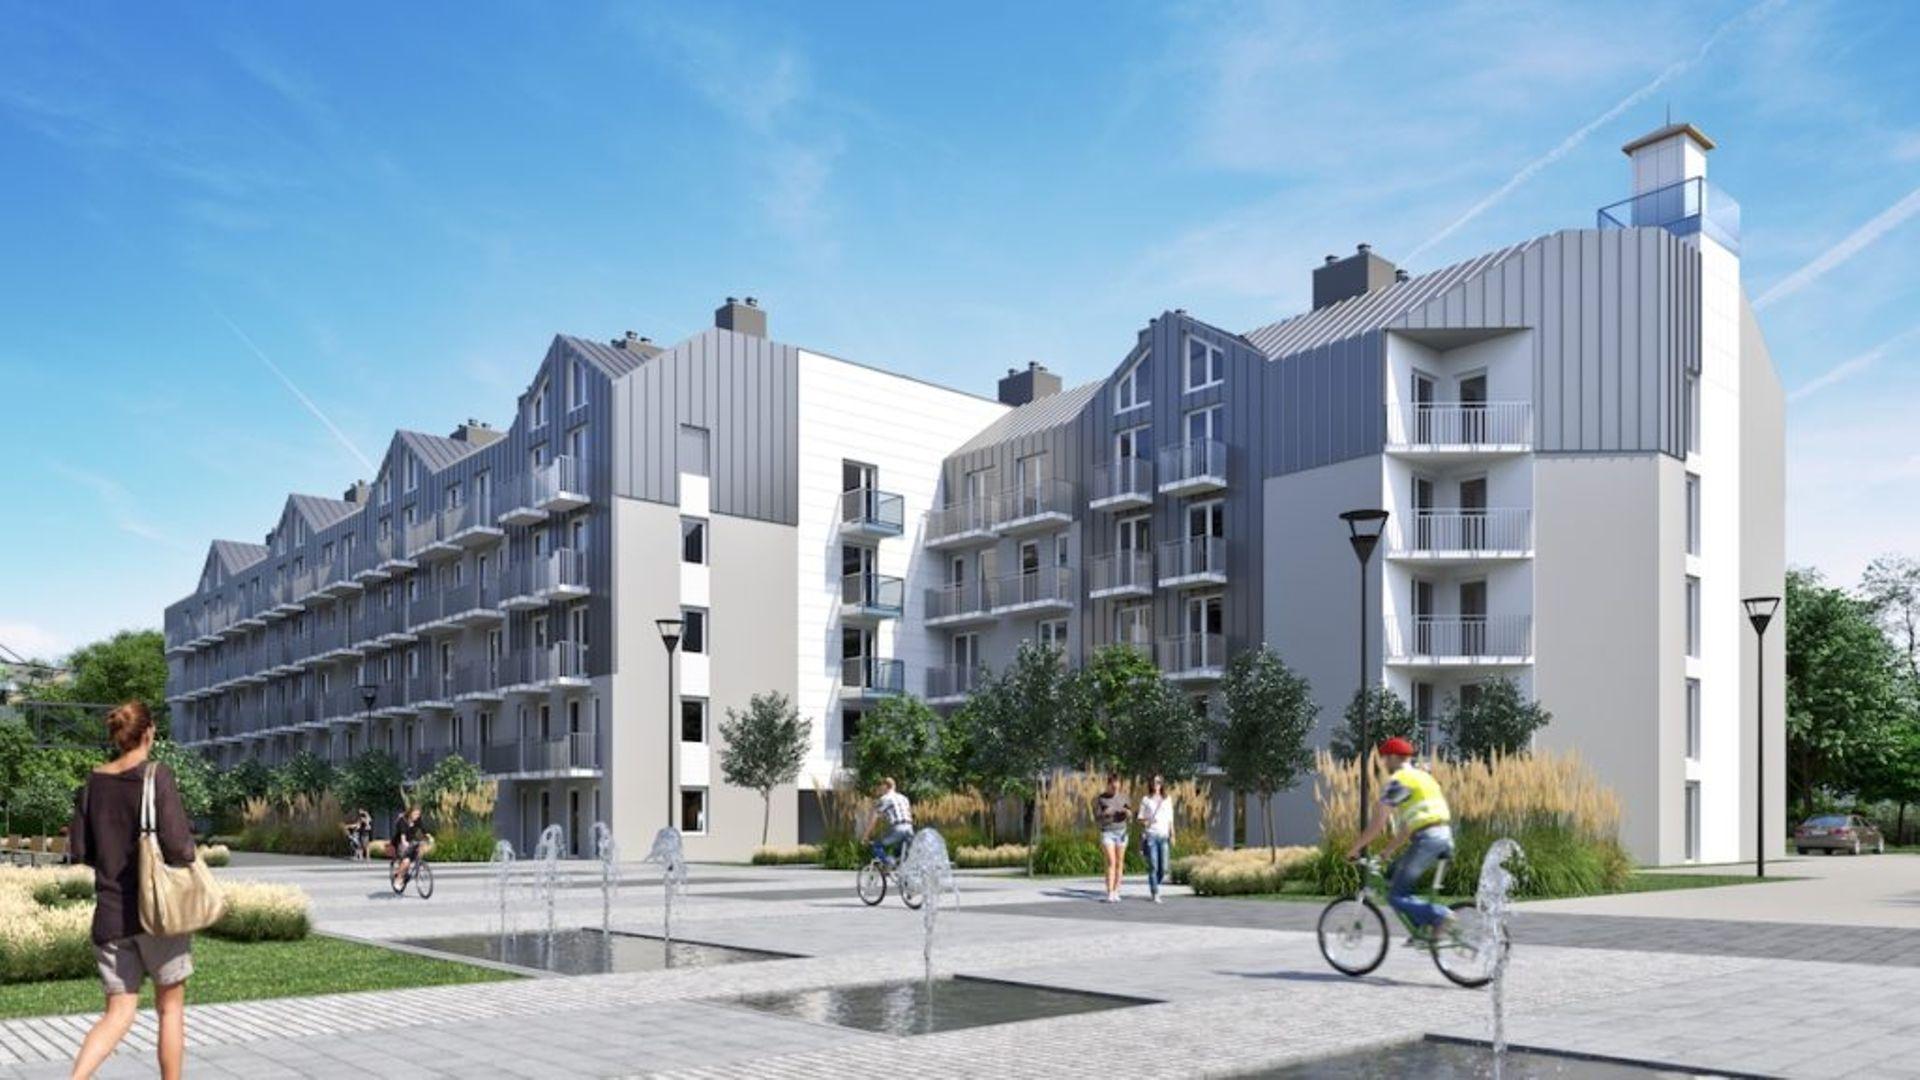 Sprzedaż II etapu Nadolnik Compact Apartments w Poznaniu na półmetku